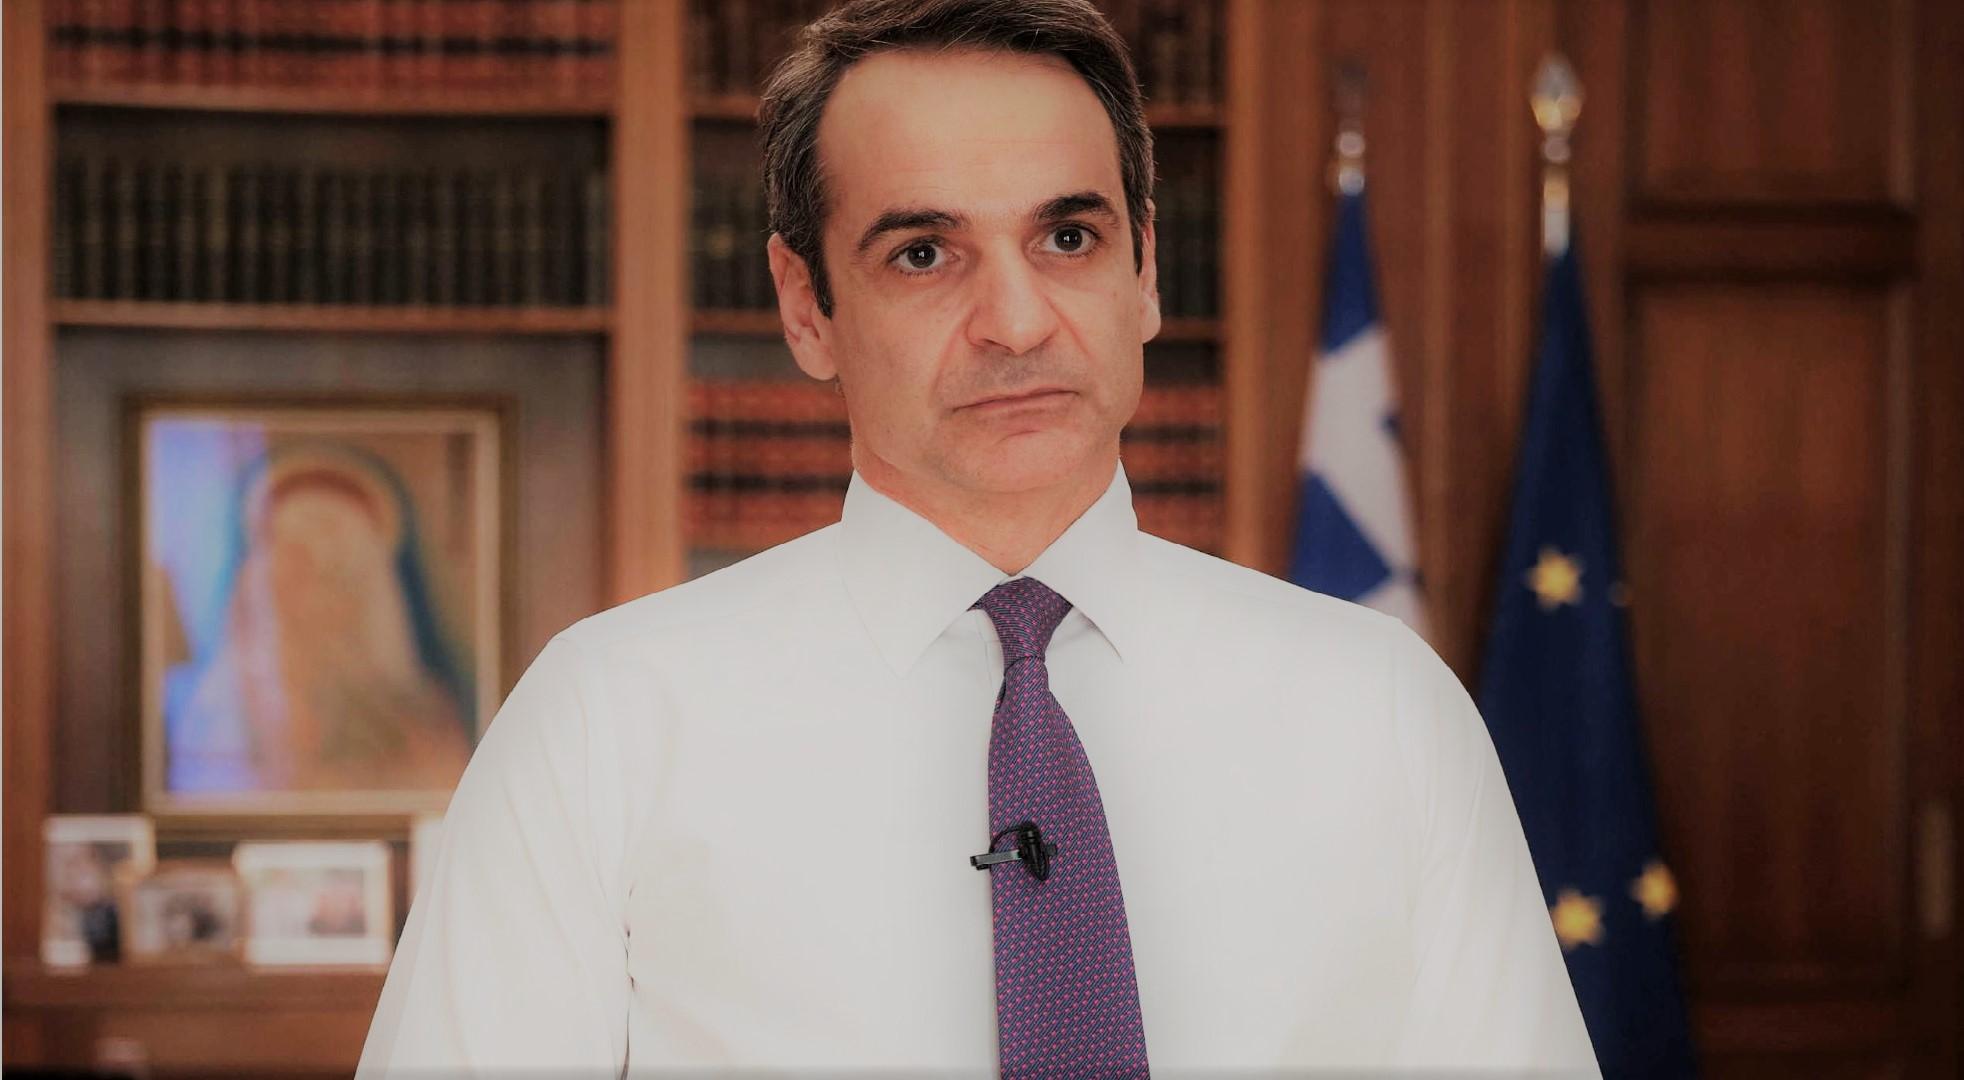 Ο πρωθυπουργός δίνει το πρόσταγμα και έξι υφυπουργοί εξειδικεύουν την άρση των μέτρων